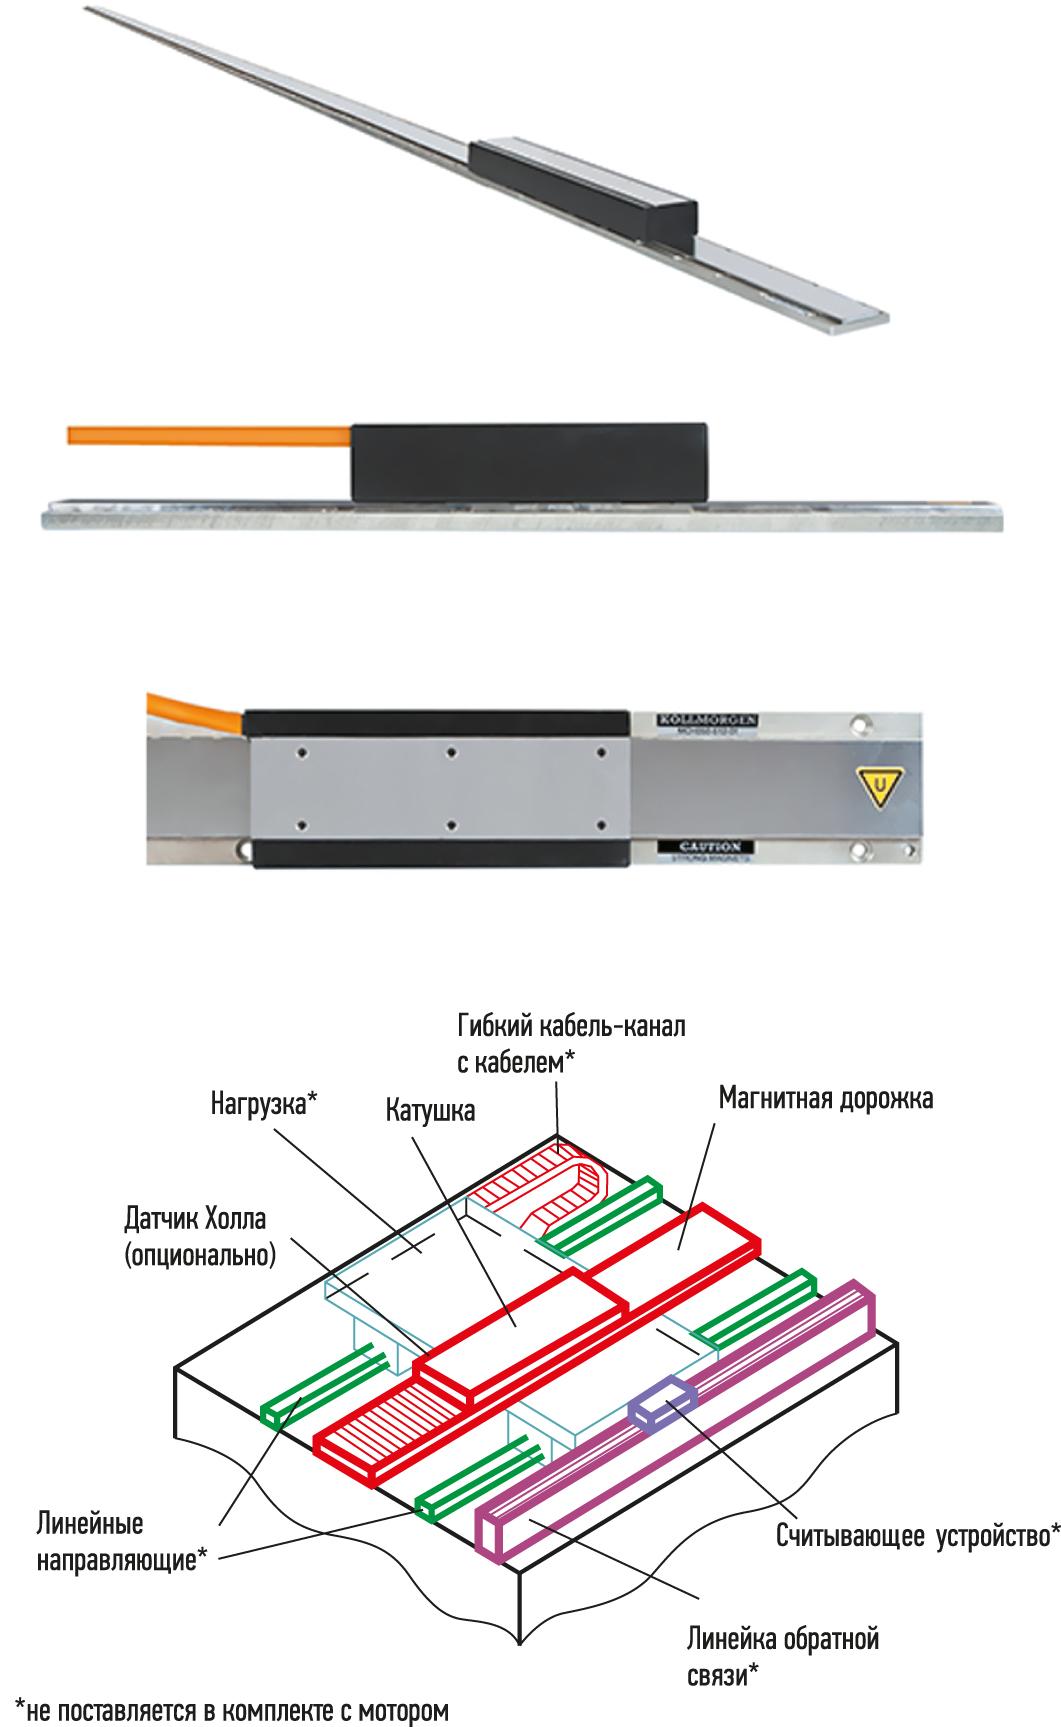 Конструктивные особенности линейных сервомоторов серии ICH